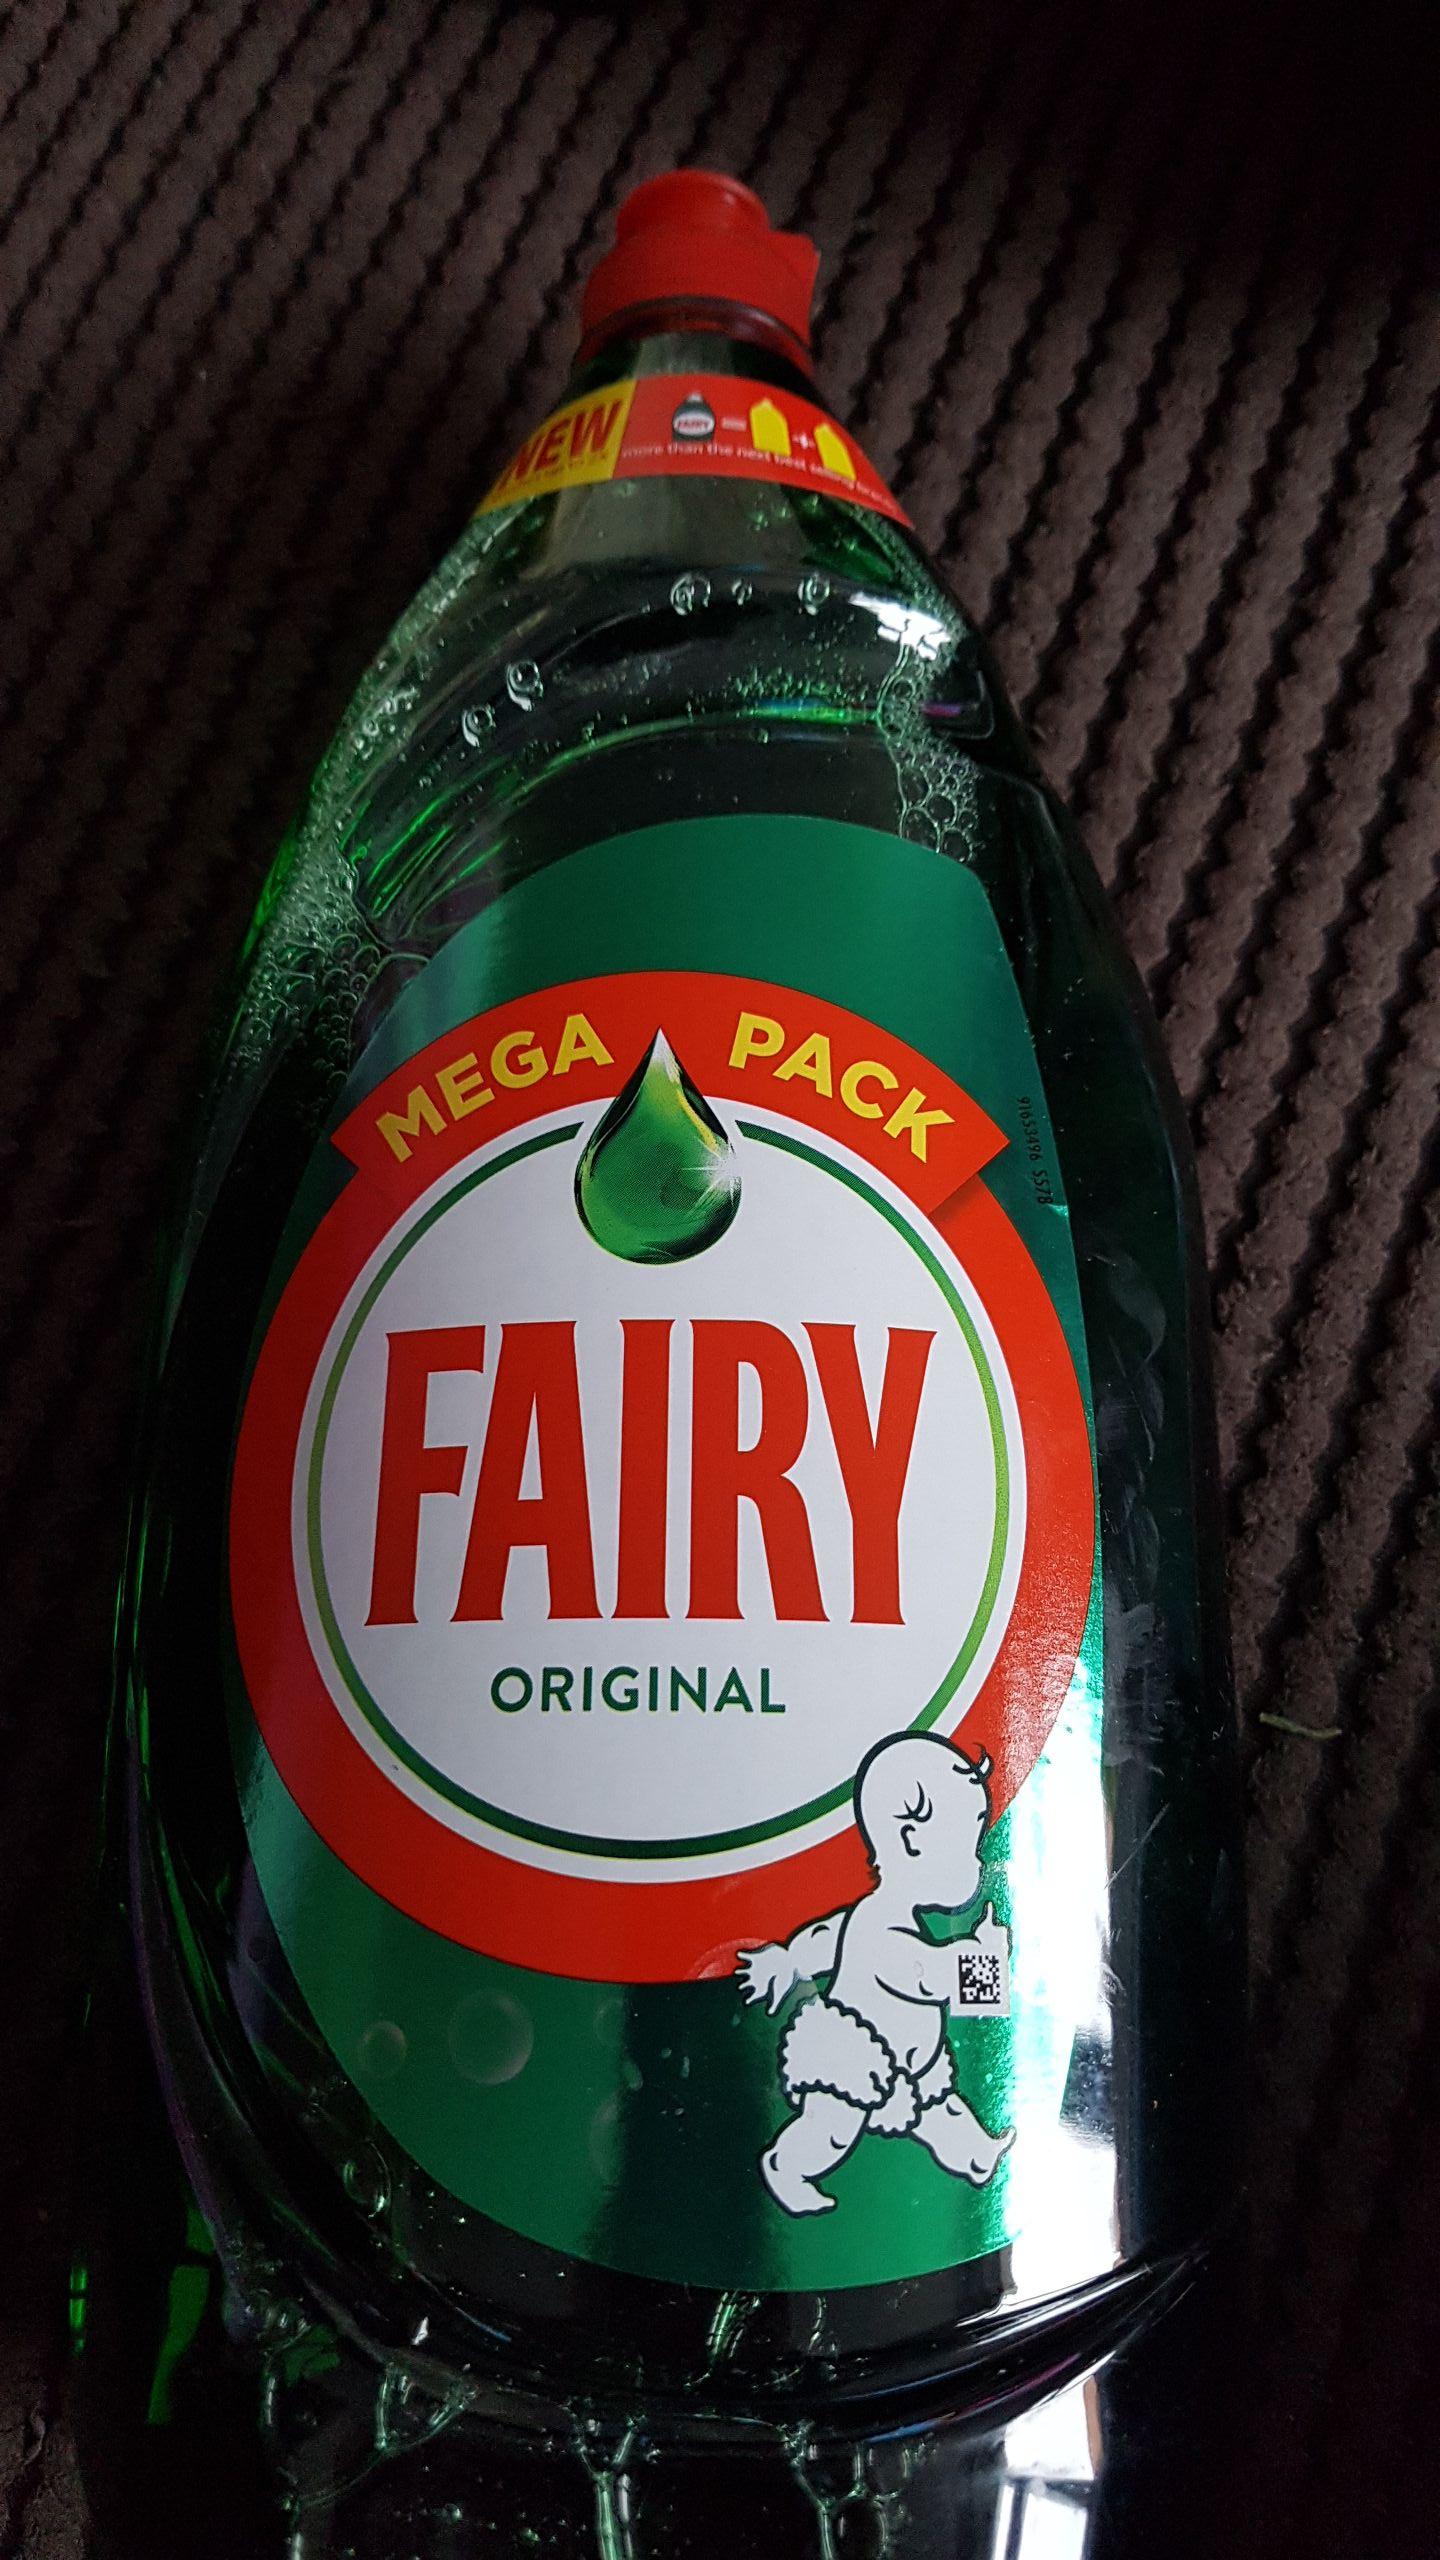 Fairy original mega pack 1350ml *BARGAIN* £2 in-store / online at asda